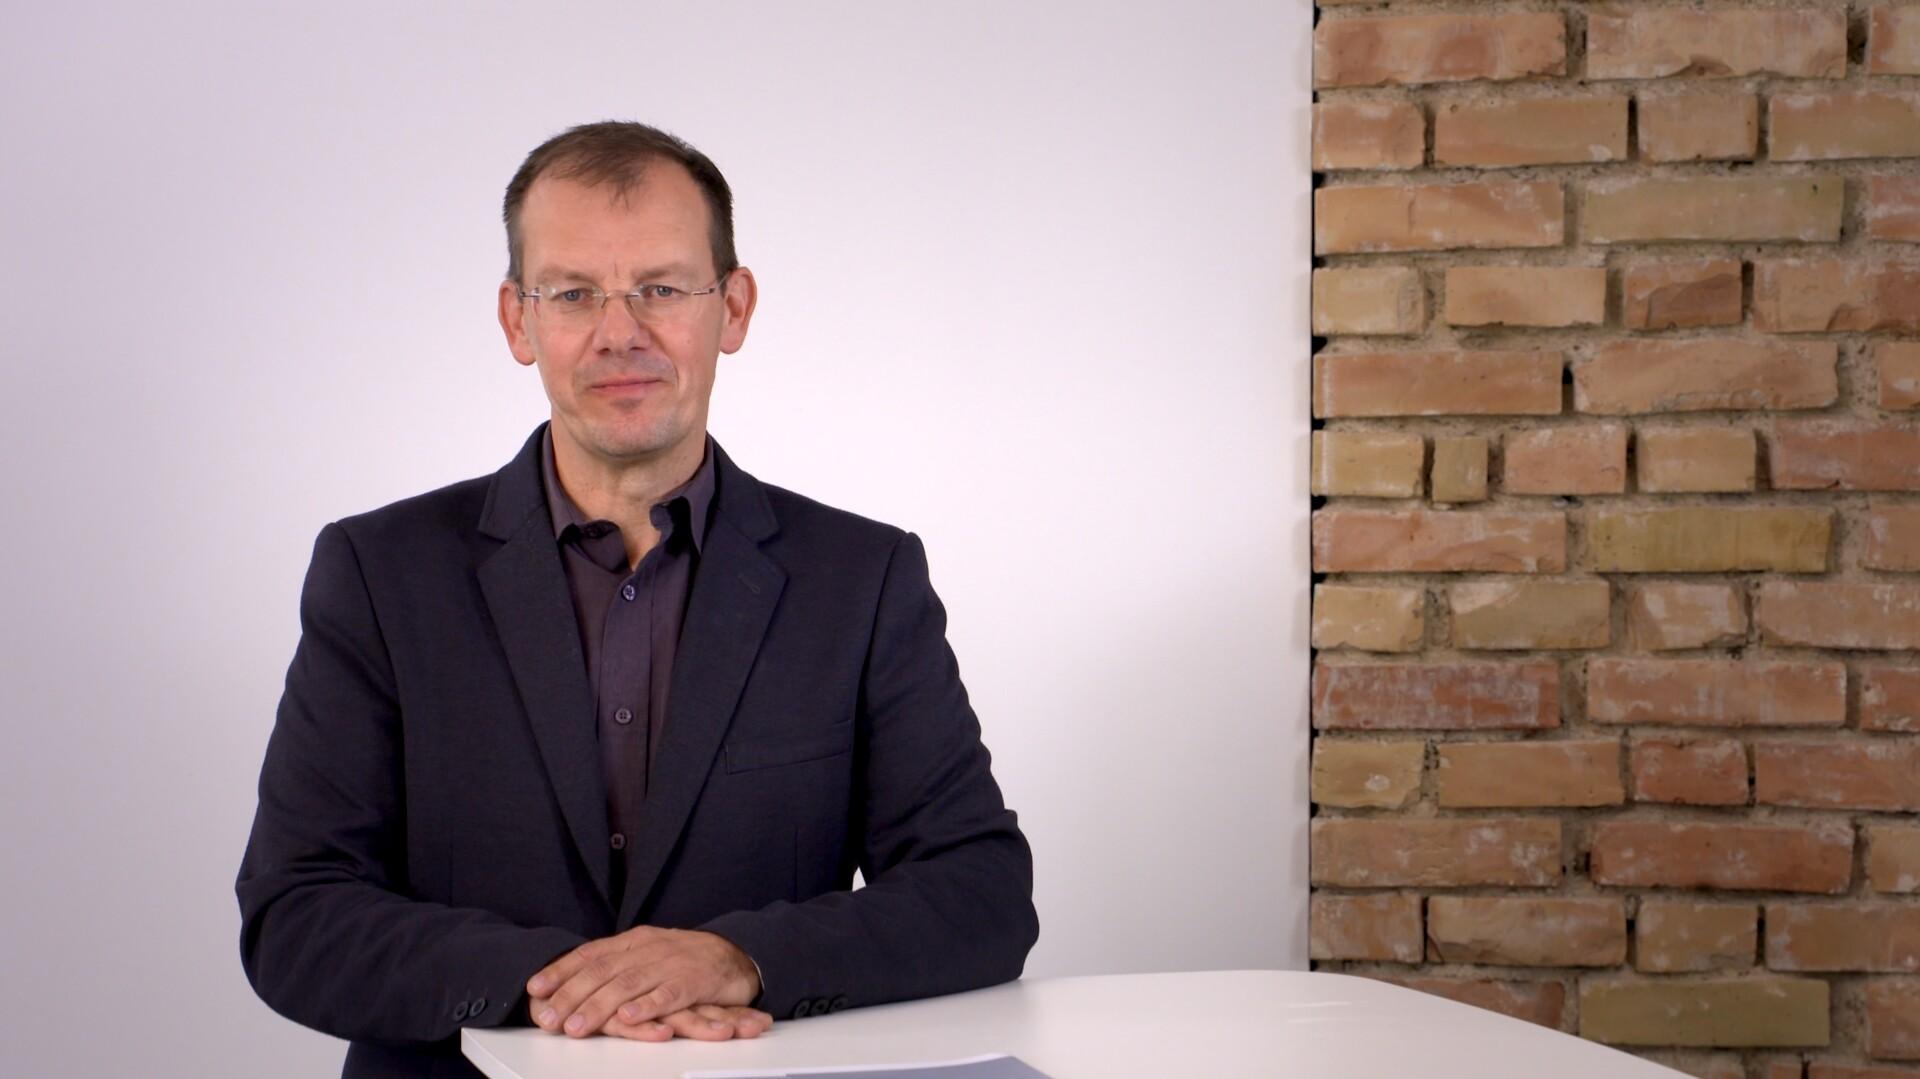 Projektleiter Markus Baumann über die Ziele und Chancen des Projekts